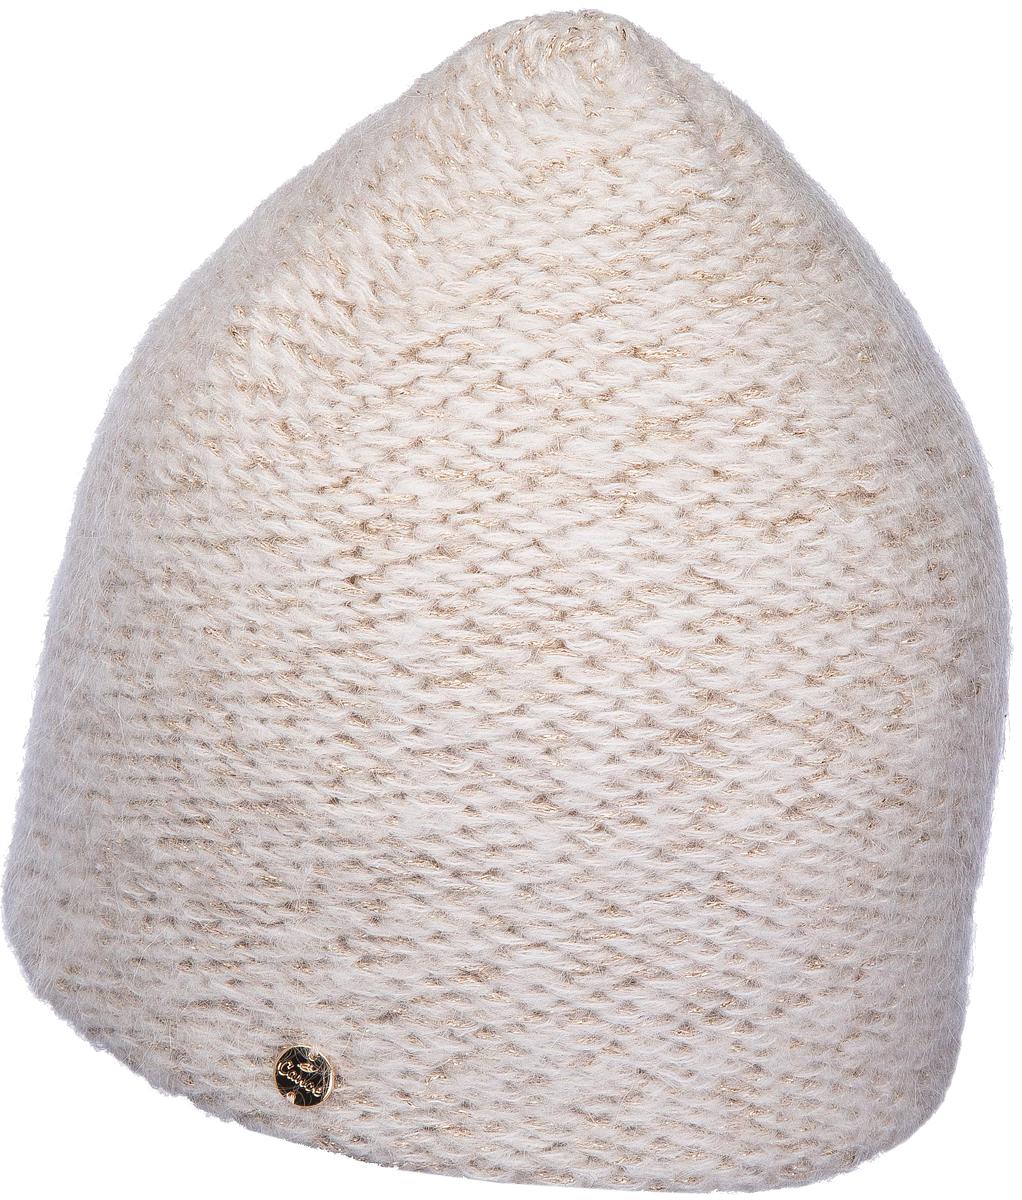 Шапка женская Canoe Windsy, цвет: белый. 4713400. Размер 56/584713400Тёплая удлинённая двухслойная шапочка из мулинированной смеси объёмного пакистанского мохера, итальянской вискозы, австралийской шерсти и укрепляющего полиамида создаст невероятный комфорт и великолепную посадку. Вискоза в сочетании с тёплым мохером делает шапку удивительно нежной, пушистой и приятной на ощупь. Полиамид скрепляет структуру и увеличивает износостойкость изделия. Пряжа украшена тонкими ниточками неаполитанского люрекса.Уважаемые клиенты!Размер, доступный для заказа, является обхватом головы.